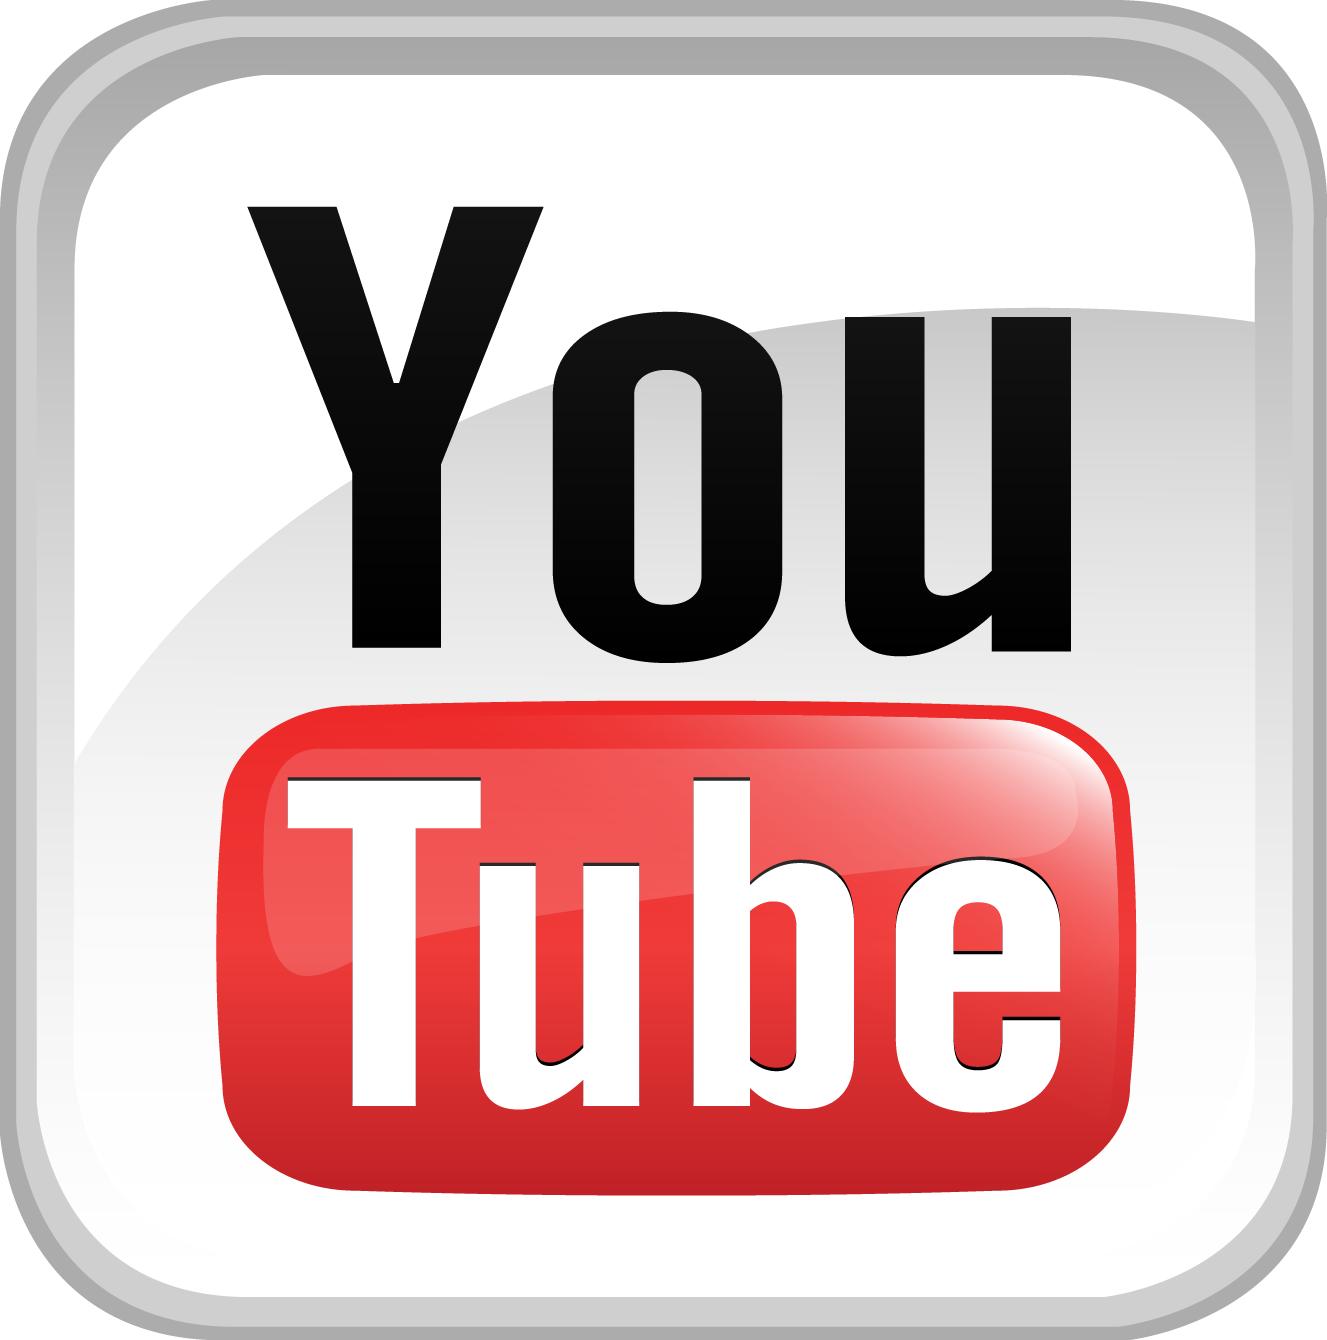 mikrosluchawka.pl na youtube